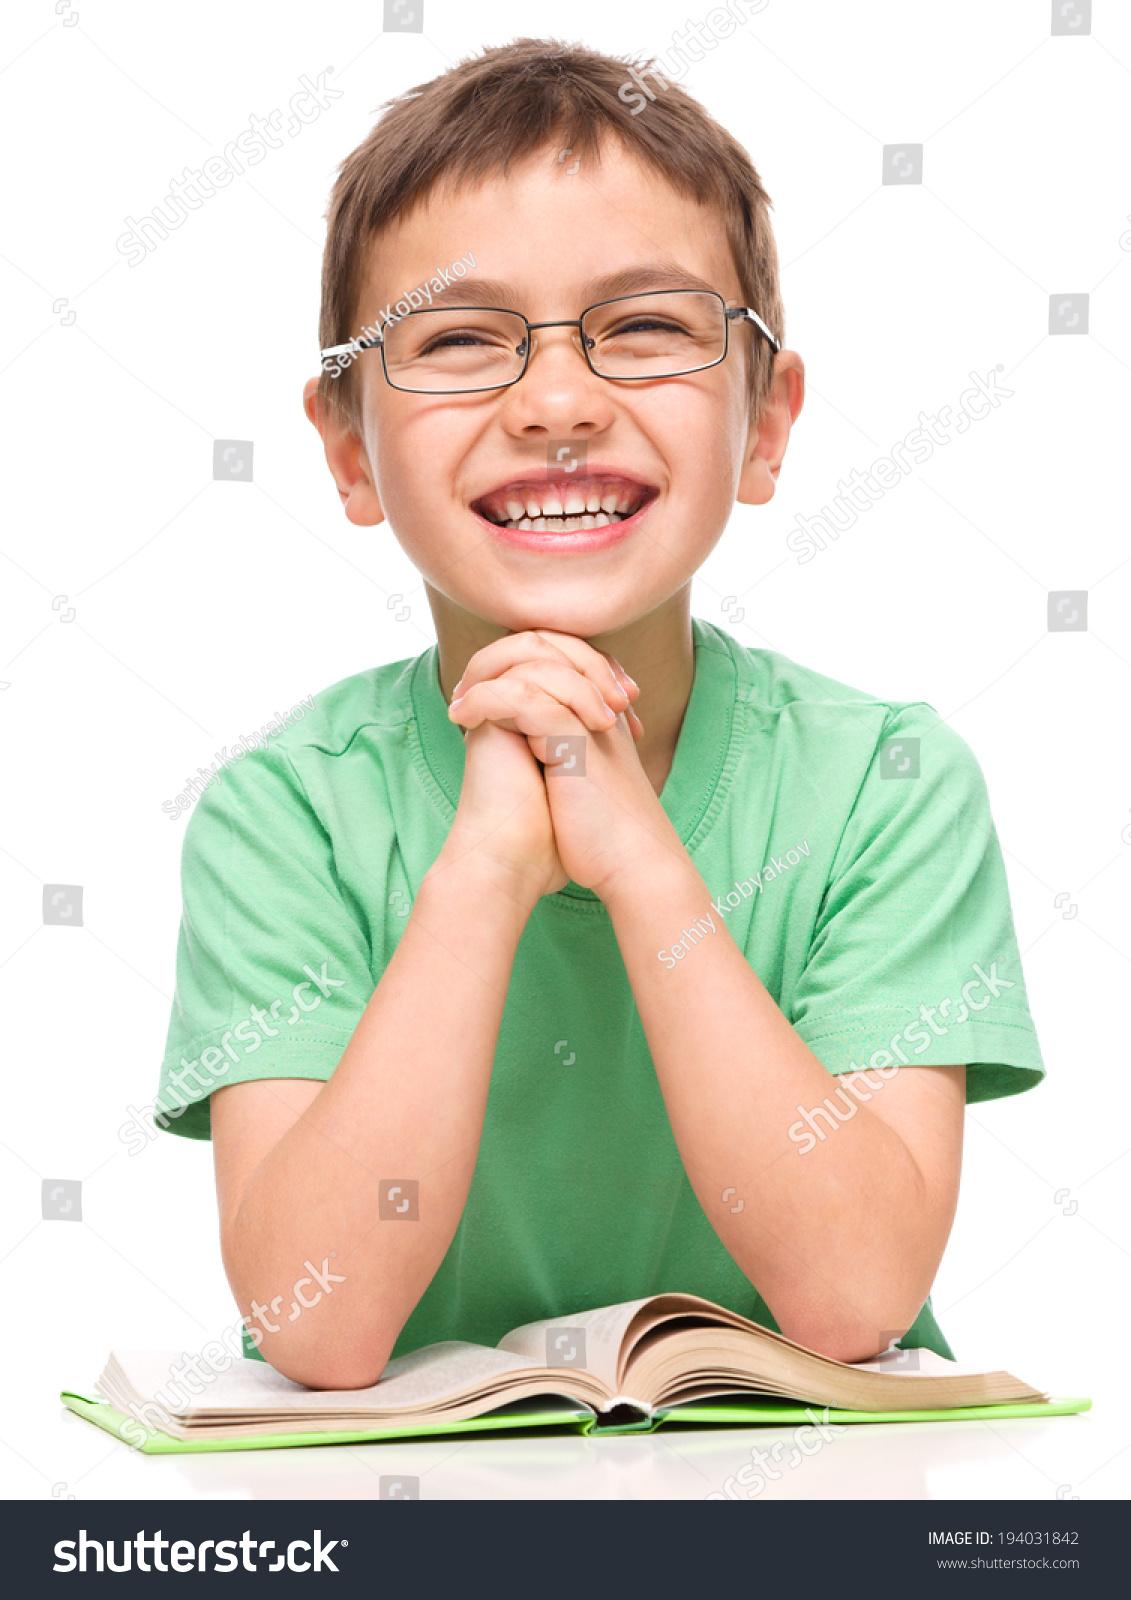 可爱的小男孩正在读一本书时戴眼镜